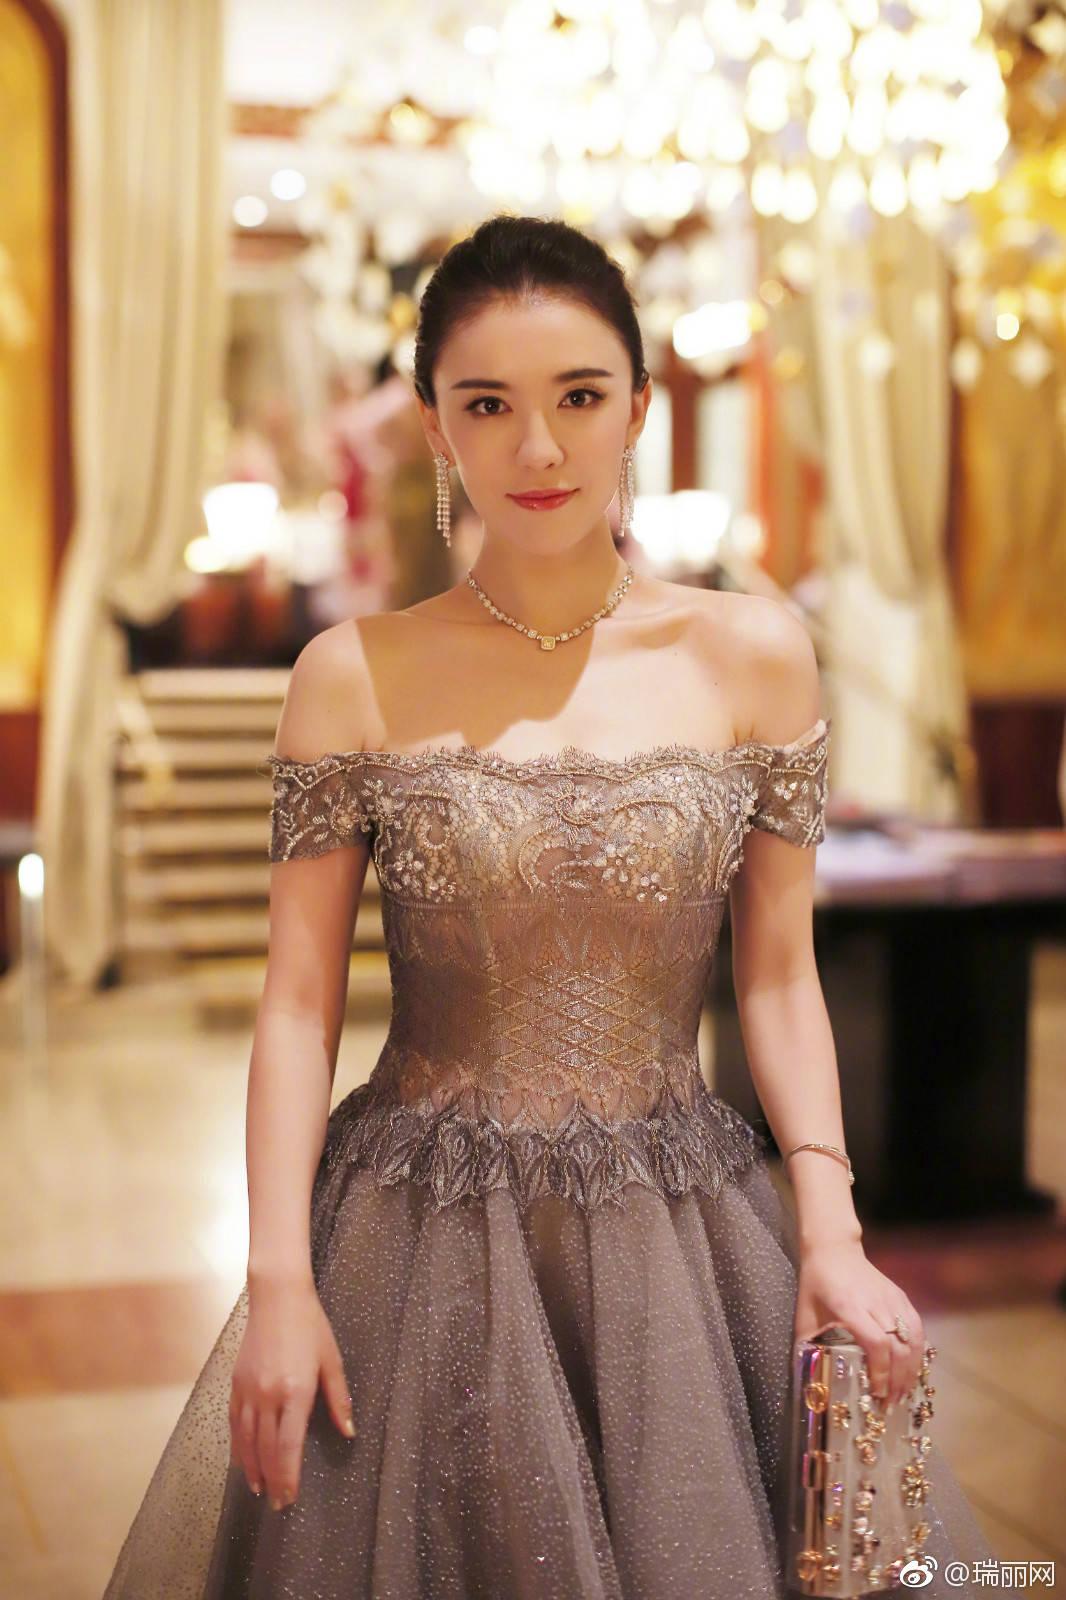 戛纳红毯招式层出不穷!吕佳容王室范儿标准全场最佳